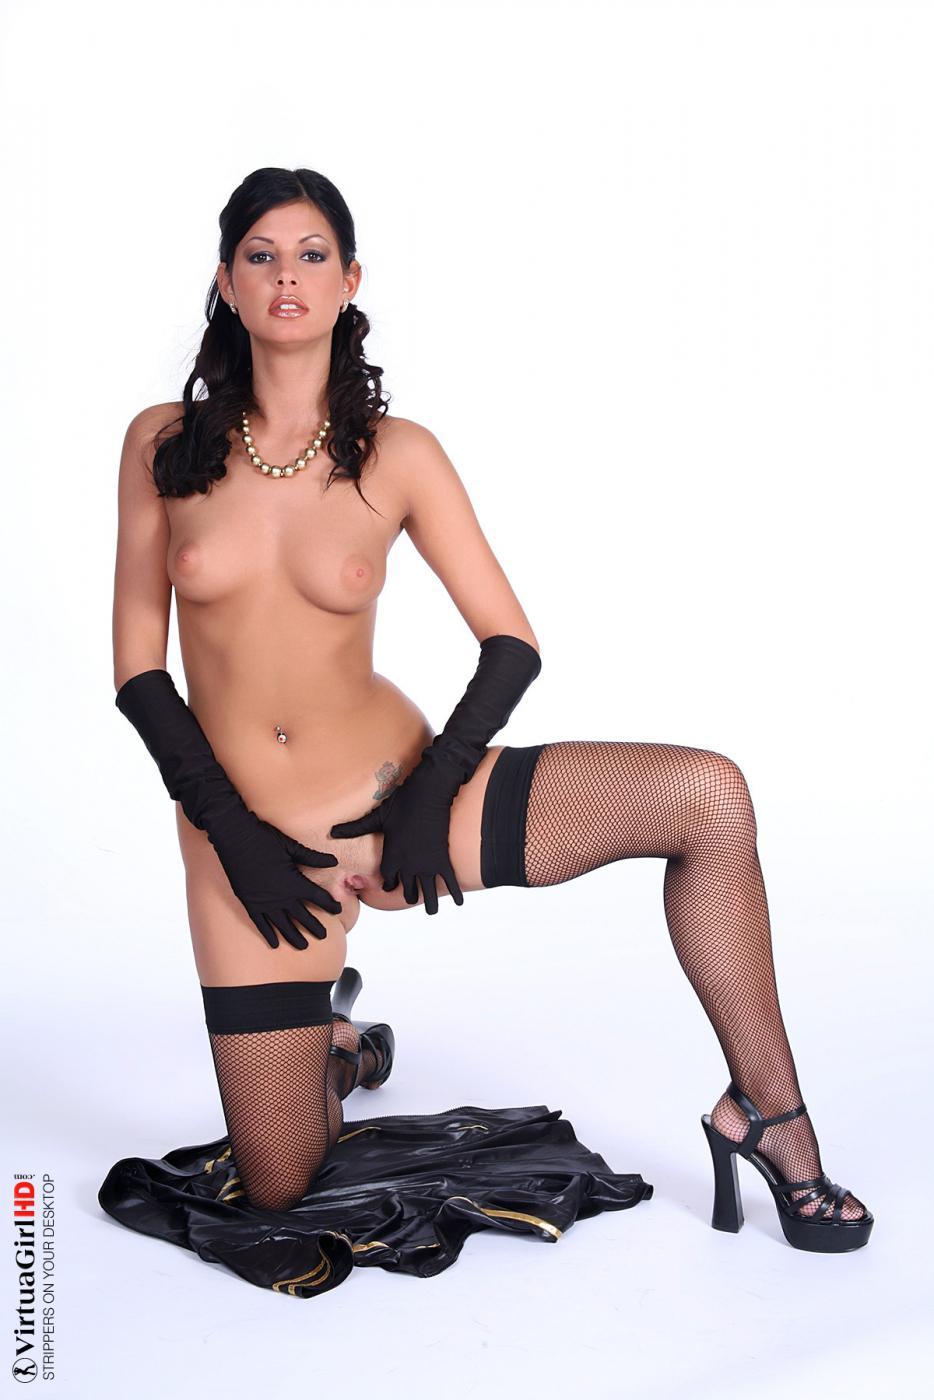 Извращенная брюнетка Lucie Theodorova трясет грудью и показывает киску